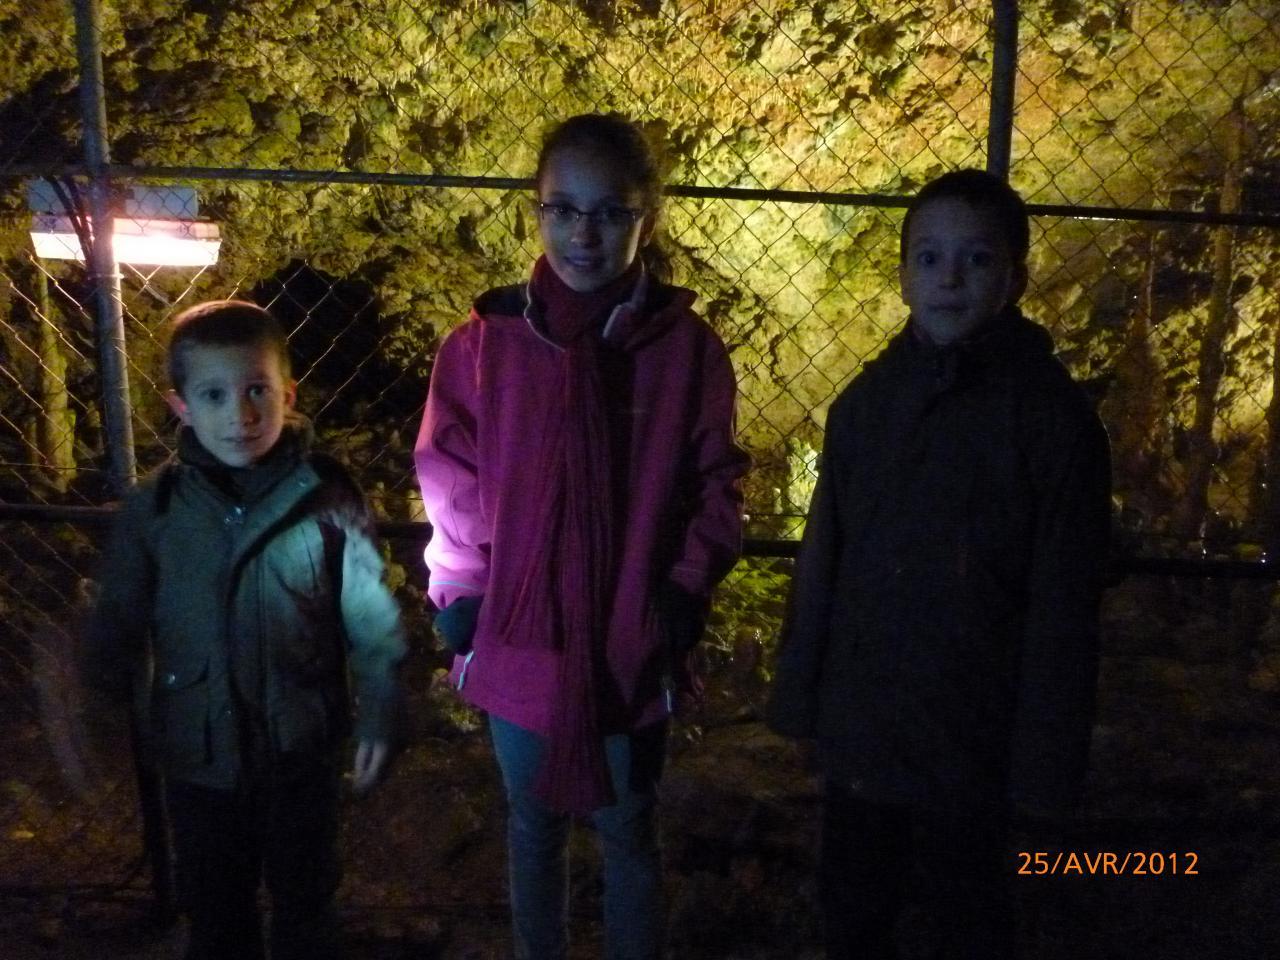 25.4 Grotte de Charles et de l'ours 3